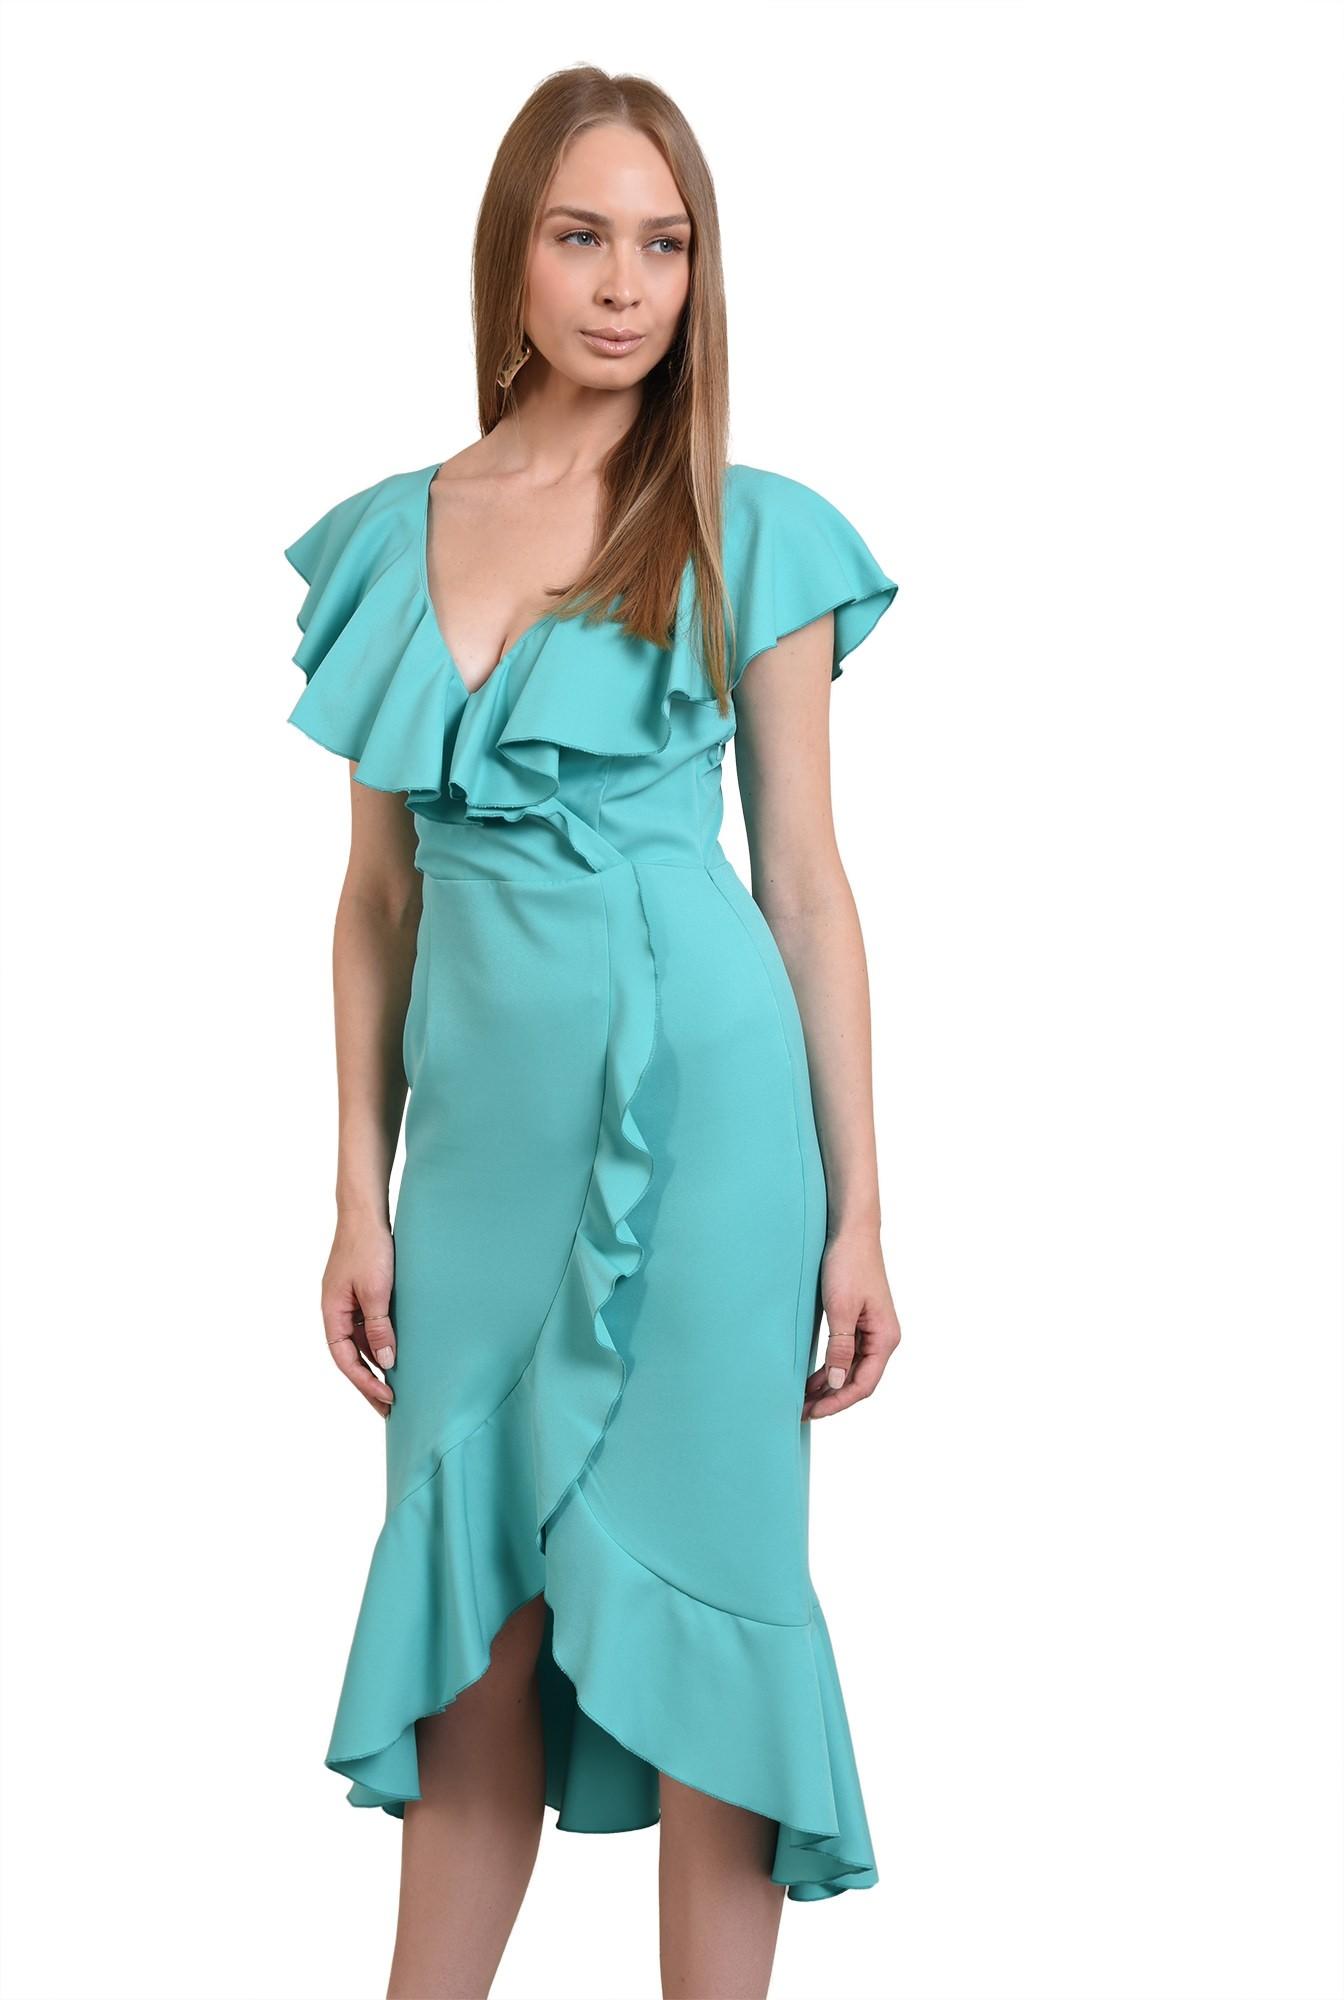 0 - rochie midi, eleganta, cu volane, cu anchior, rochie de ocazie